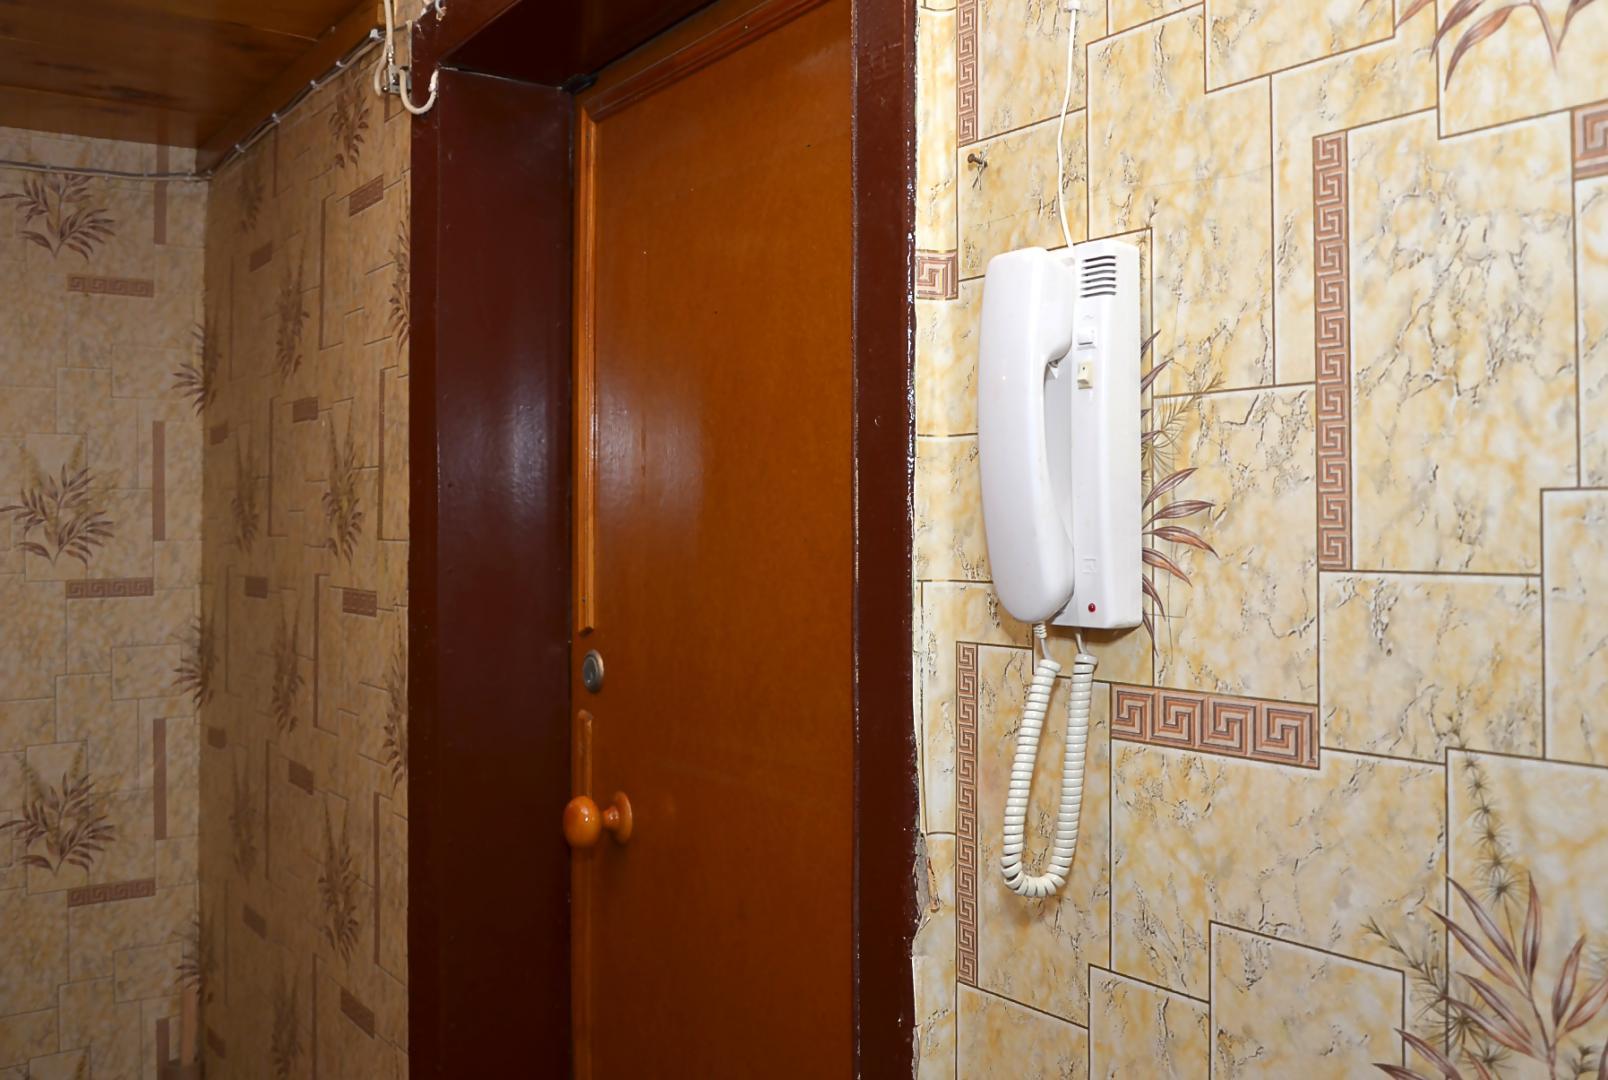 Продам комната по адресу Россия, Ярославская область, городской округ Рыбинск, Рыбинск, улица 9 Мая, 15 фото 5 по выгодной цене